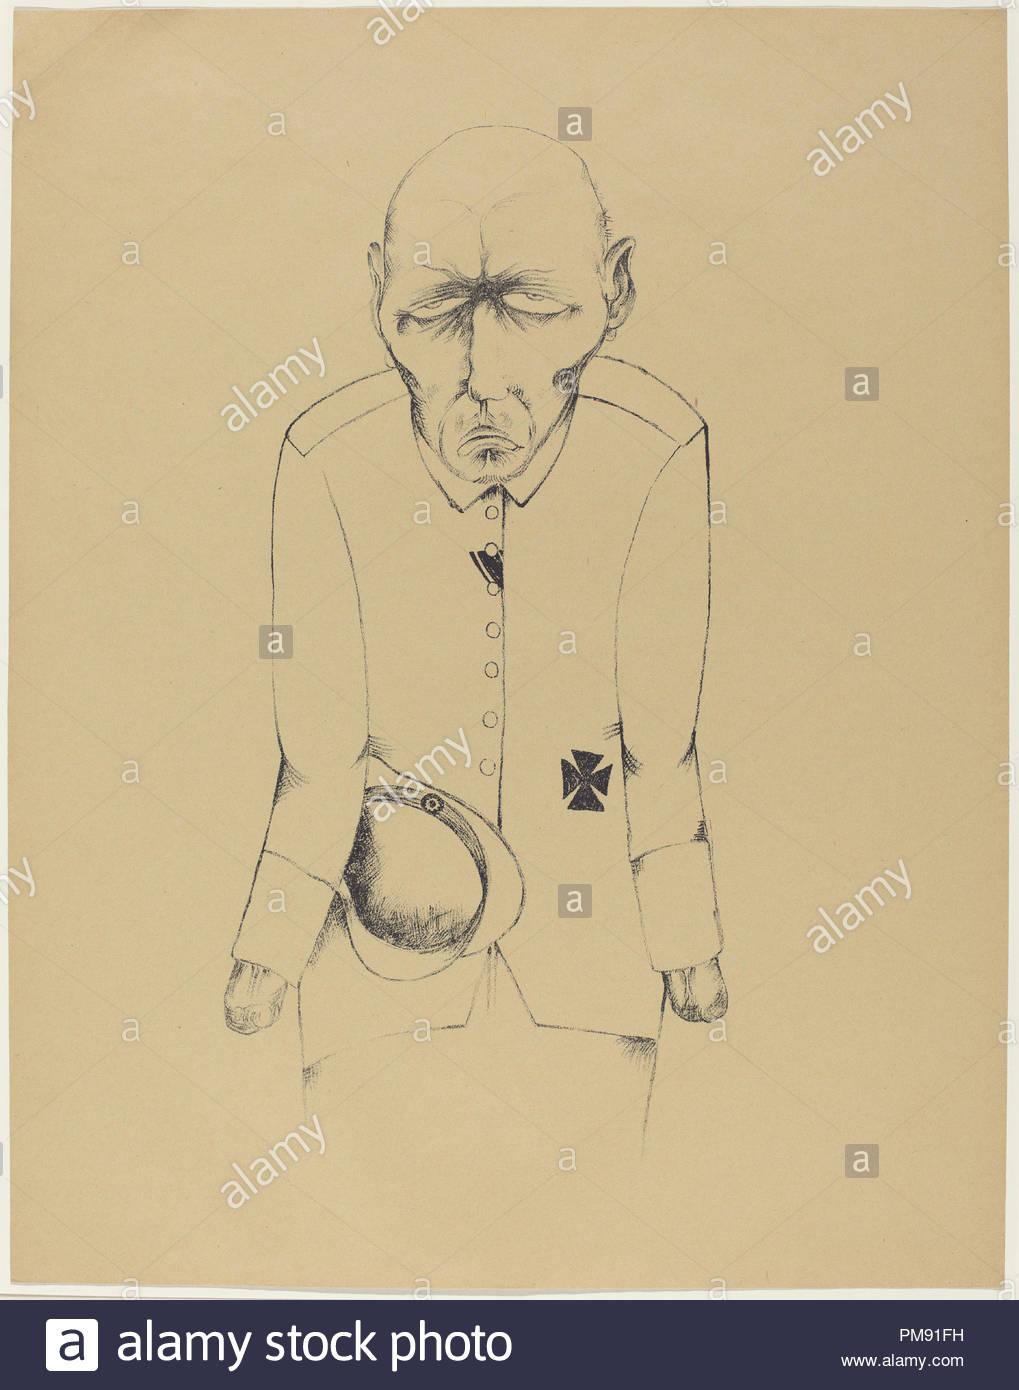 Der Erwerbslose The Unemployed Man Dated 1920 Dimensions